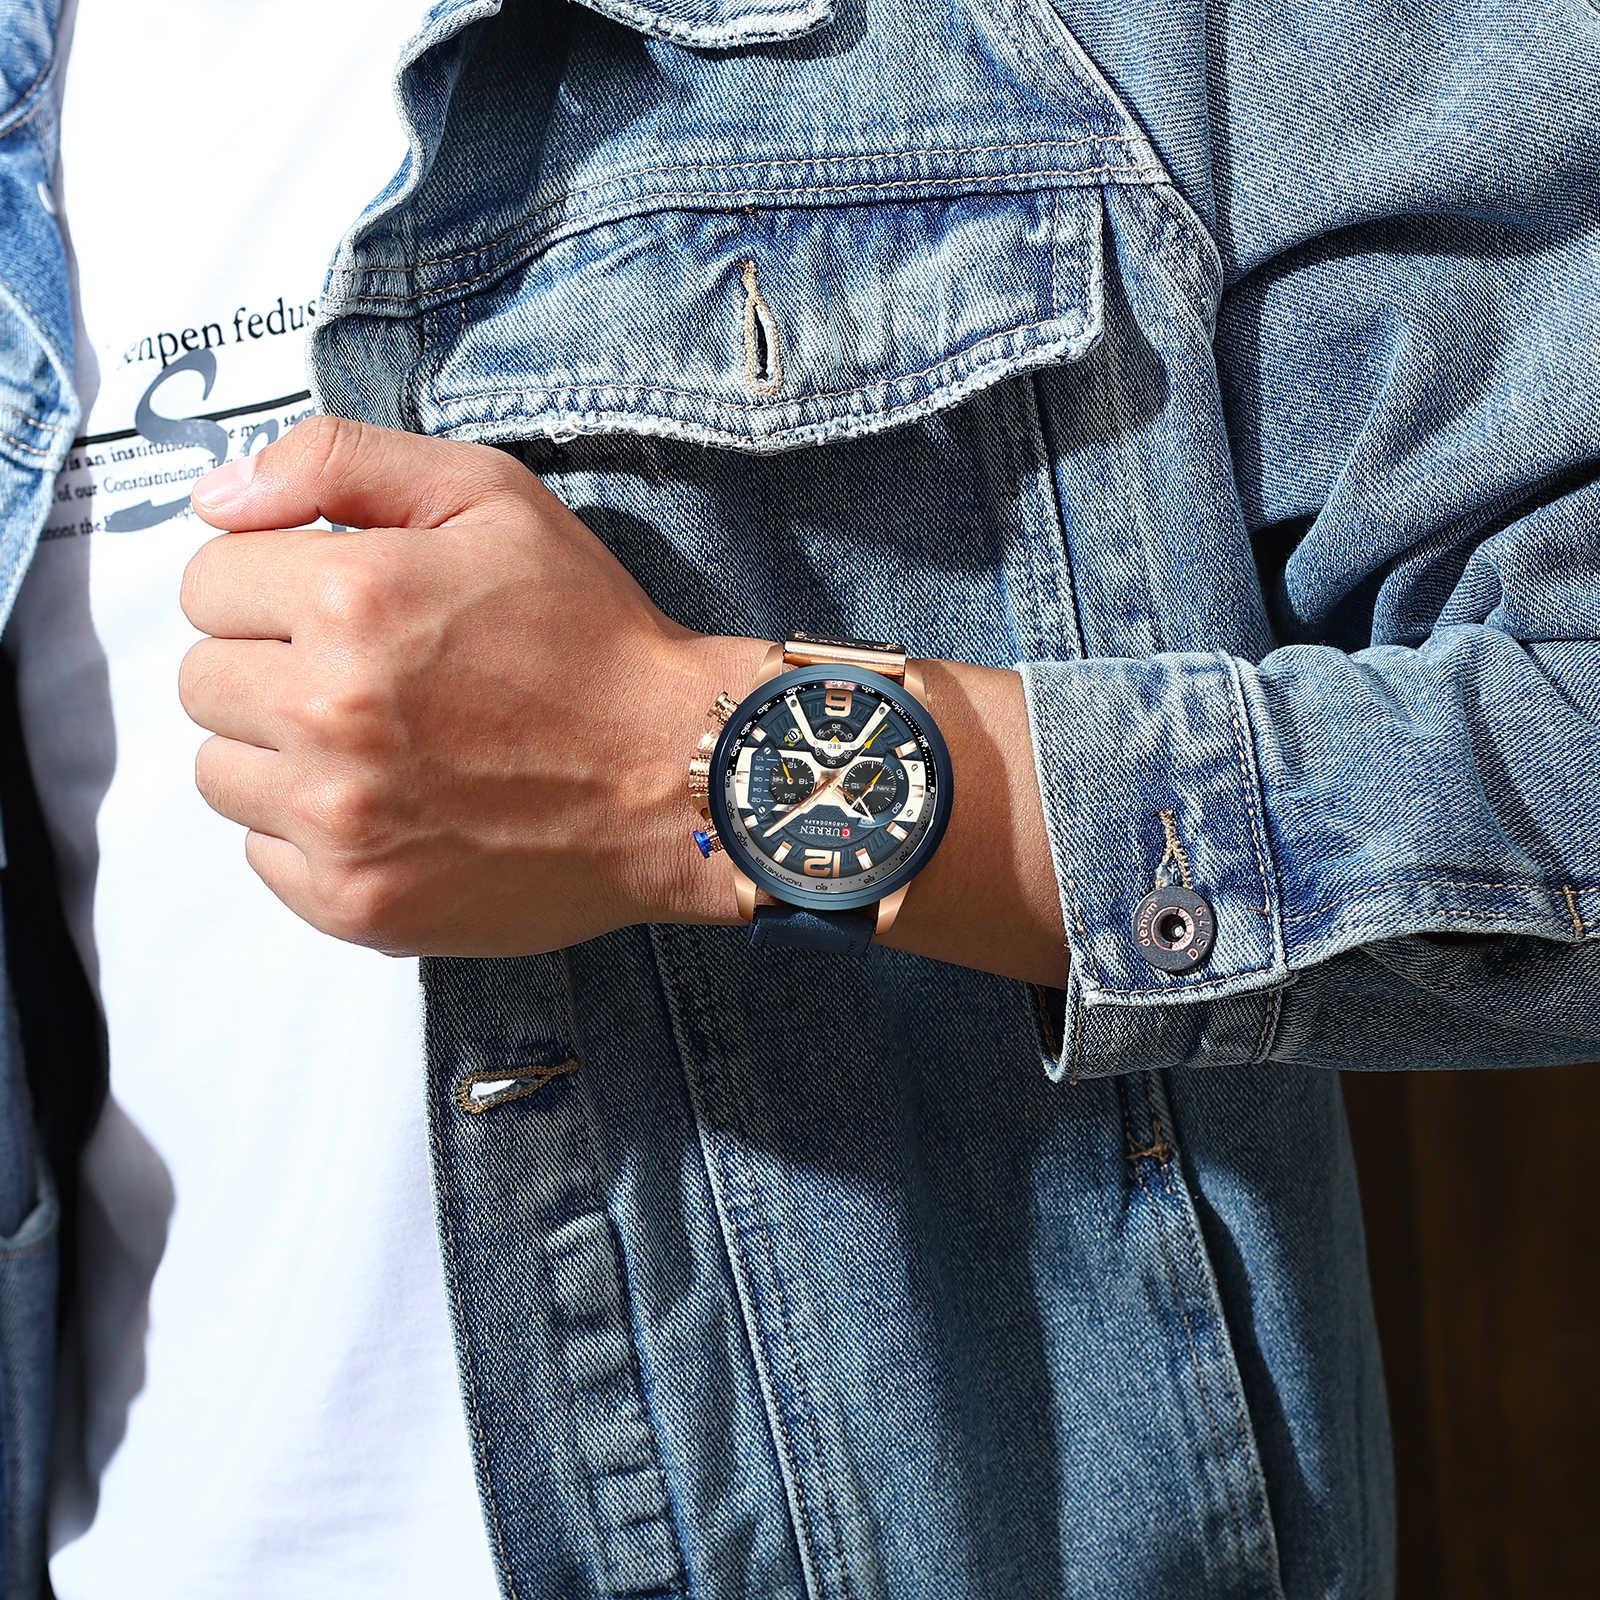 CURREN 8329 מקרית ספורט שעונים גברים כחול למעלה מותג יוקרה צבאי עור שעון יד גבר שעון אופנה הכרונוגרף שעוני יד